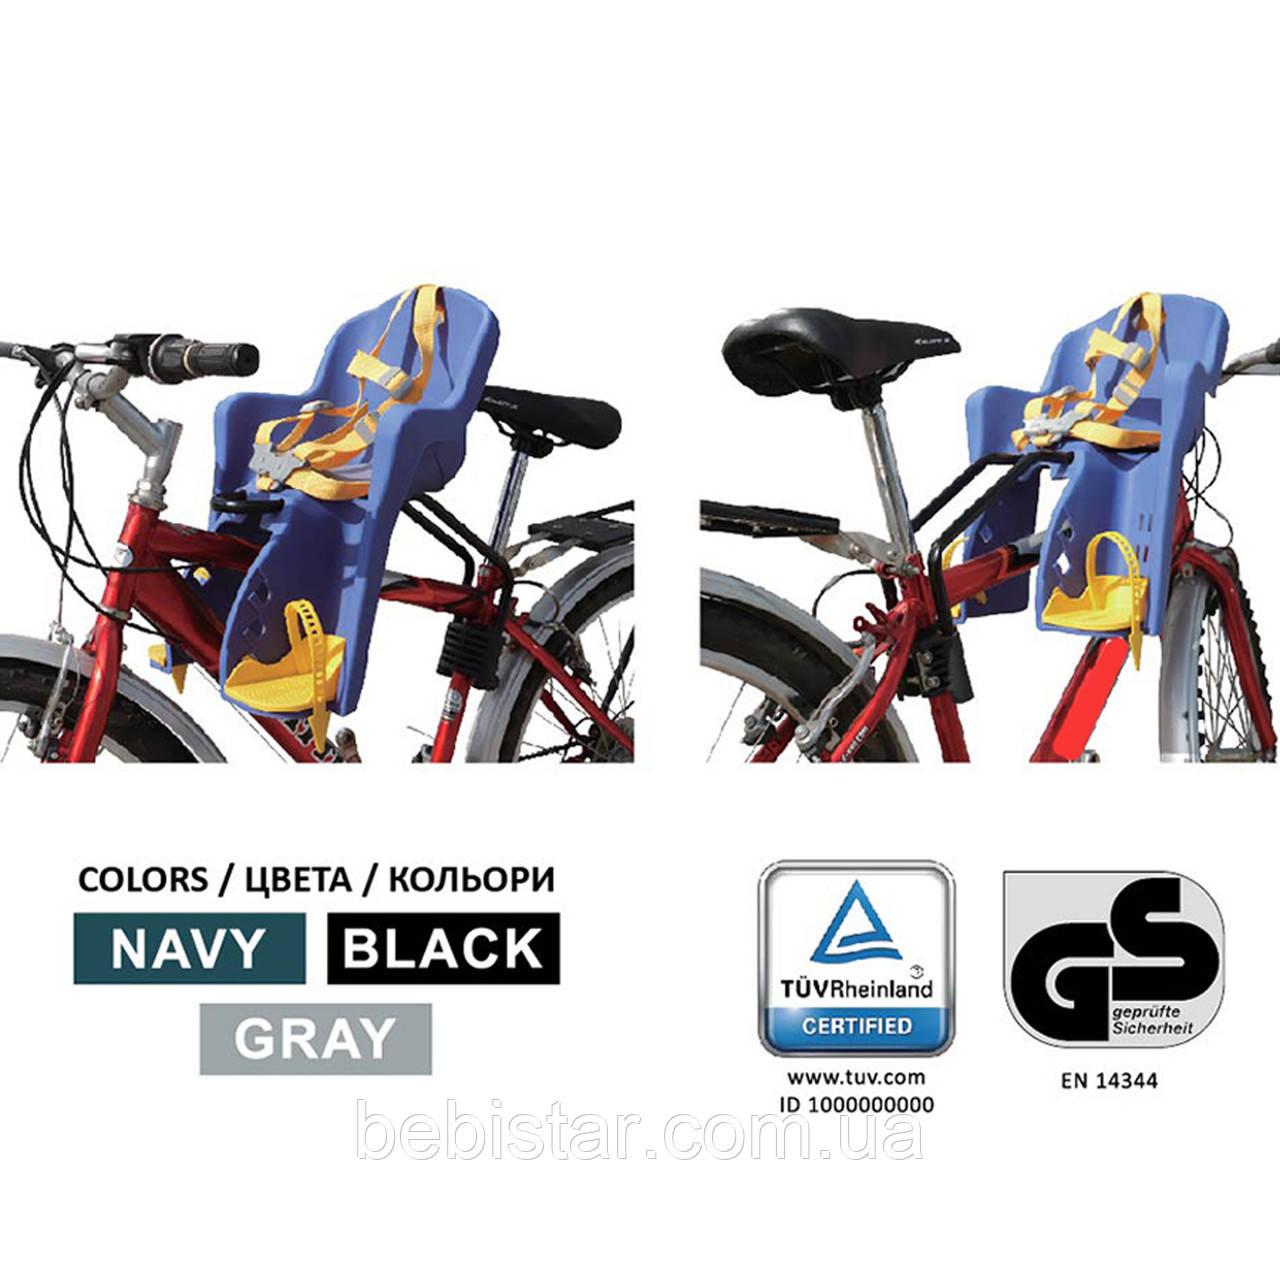 Велокресло черное TILLY T-812 с установкой спереди сидения по ходу или против движения велосипеда